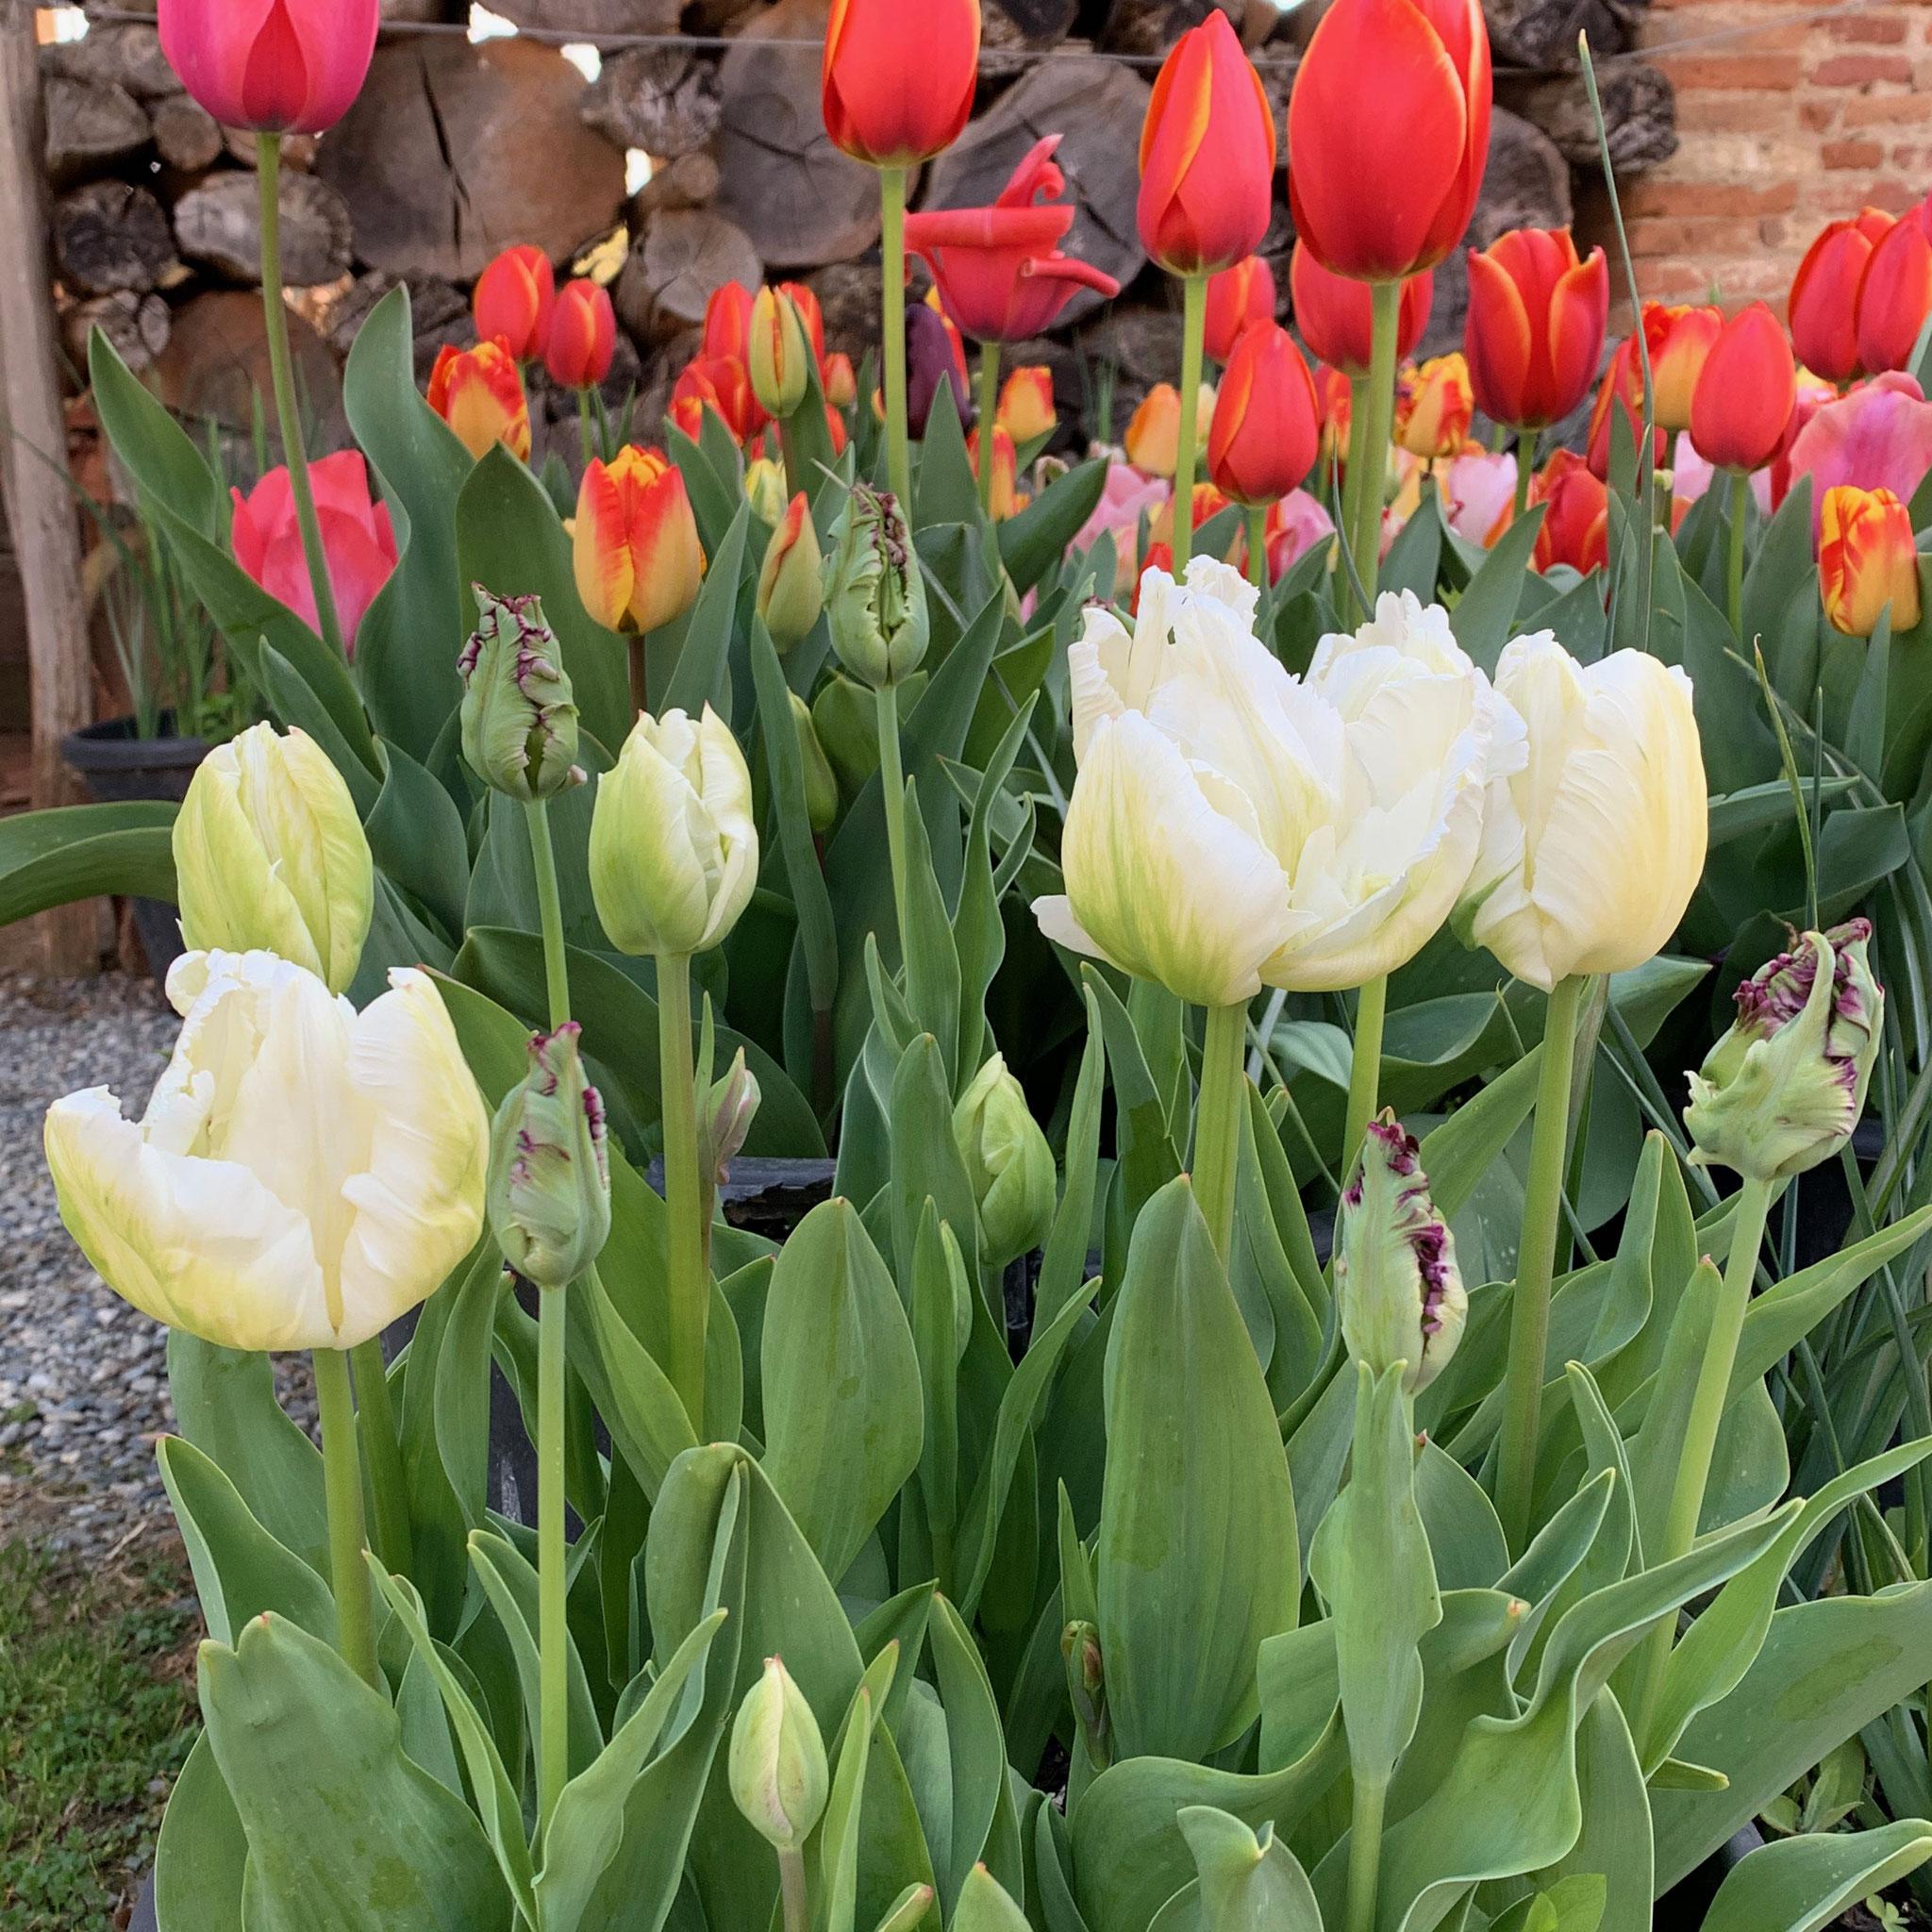 Tulipe Perroquet White Parrot